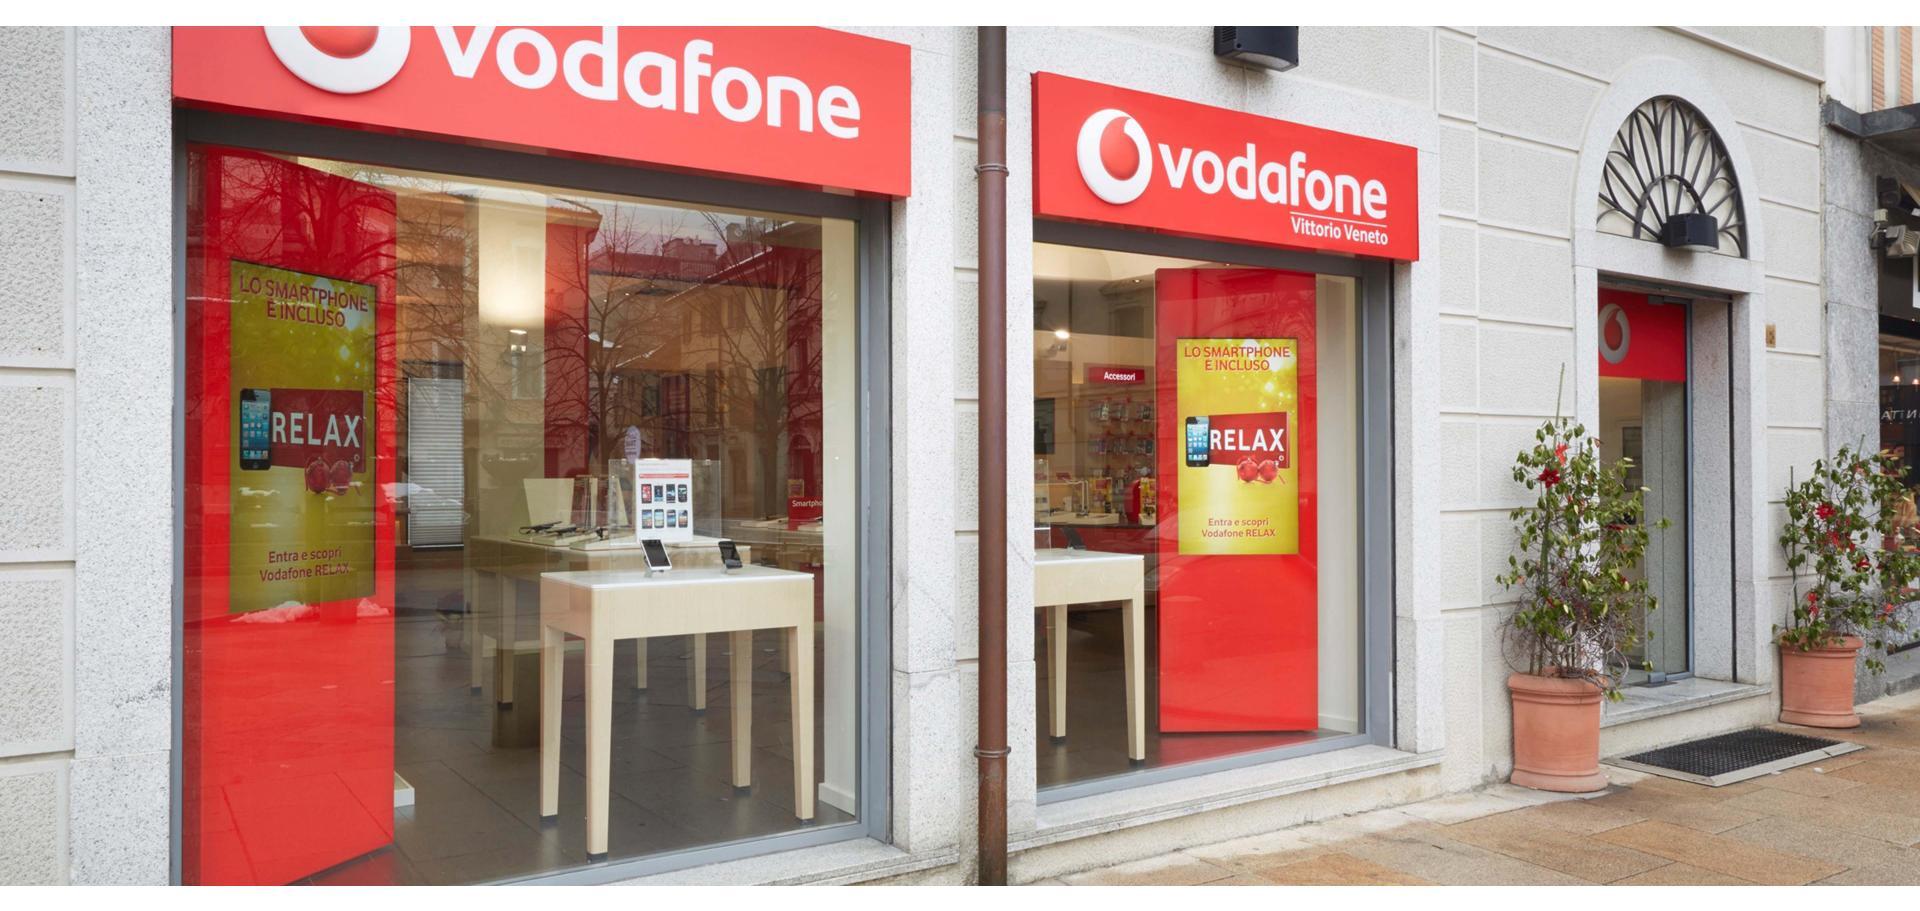 negozi-vodafone-2012